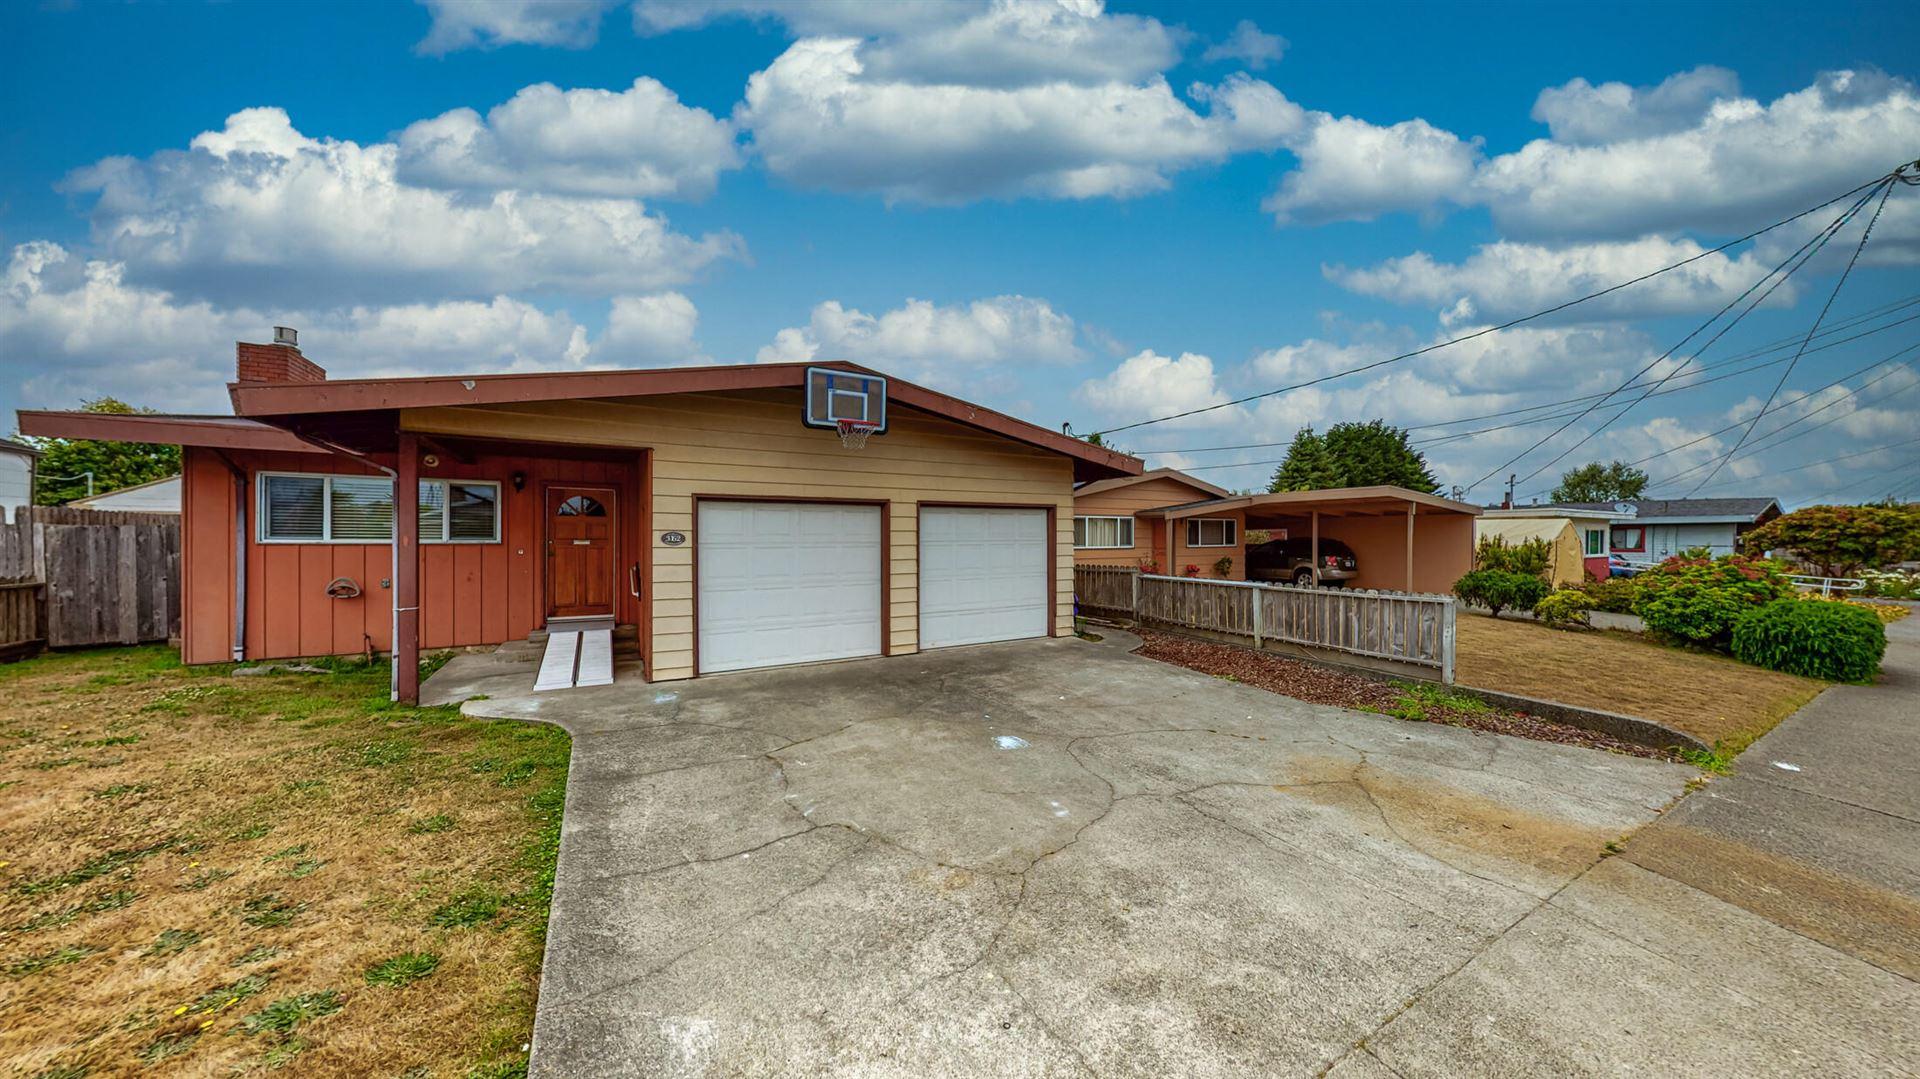 3162 Central Avenue, Eureka, CA 95503 - MLS#: 259597